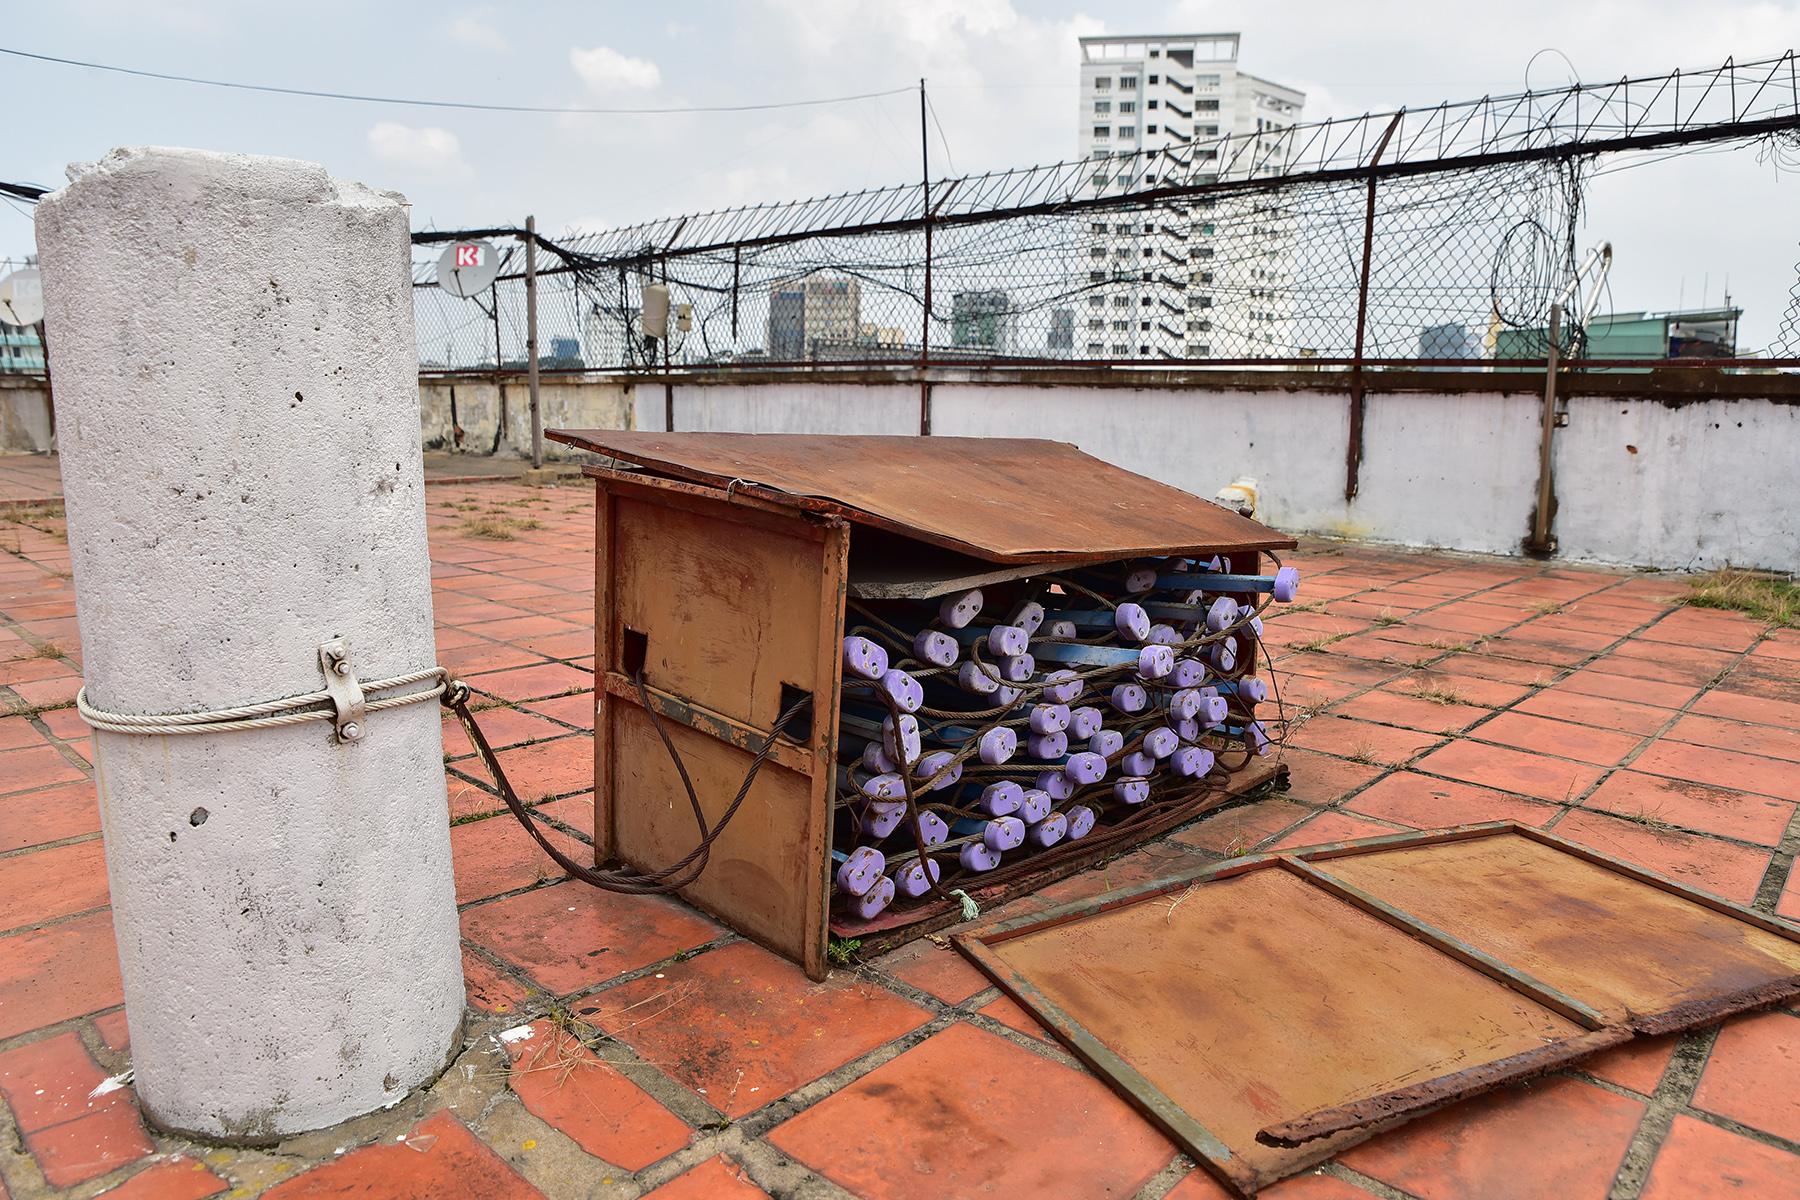 Ớn lạnh cảnh rác ngập ngụa trong các căn hộ chung cư ở phố Tây Sài Gòn - 17